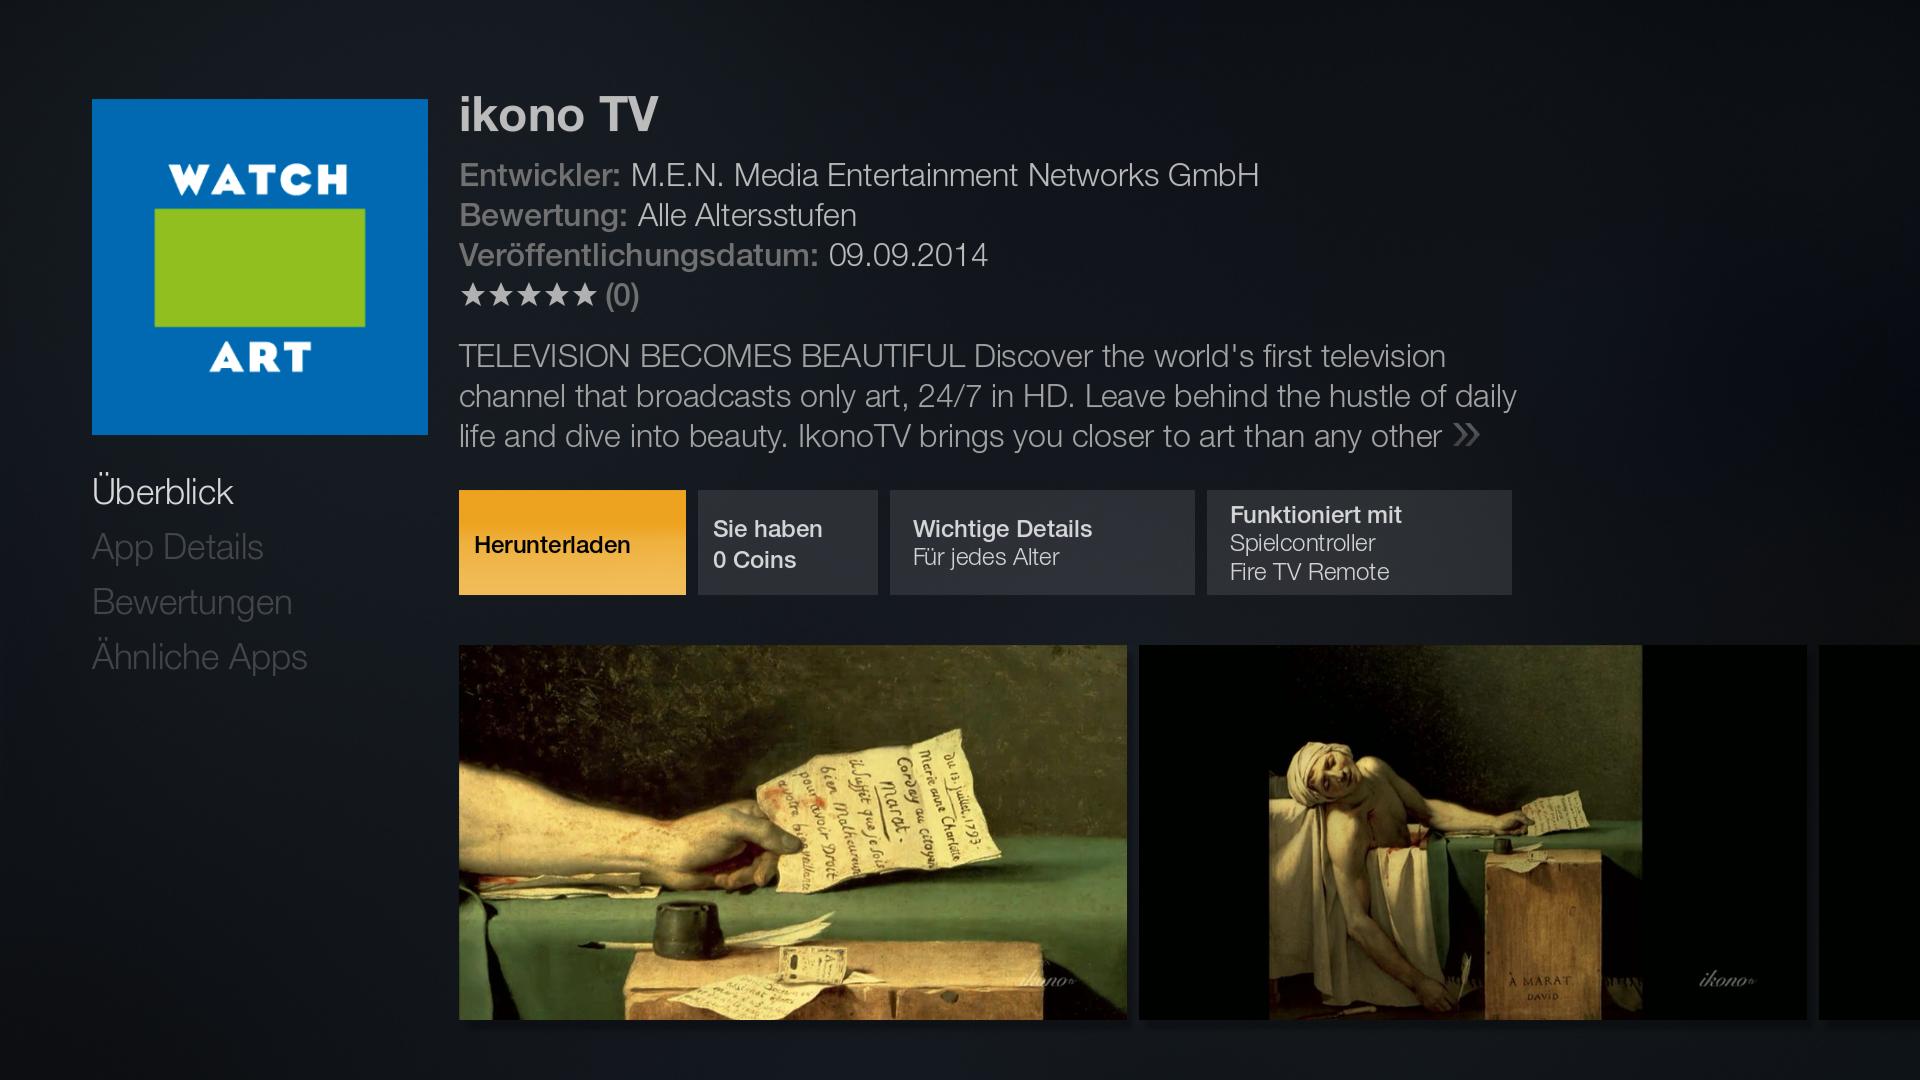 Workshop: Amazons Fire TV wird zur Multimedia-Zentrale - Detailseite von Ikono TV im Fire-TV-Store (Screenshot: Golem.de)